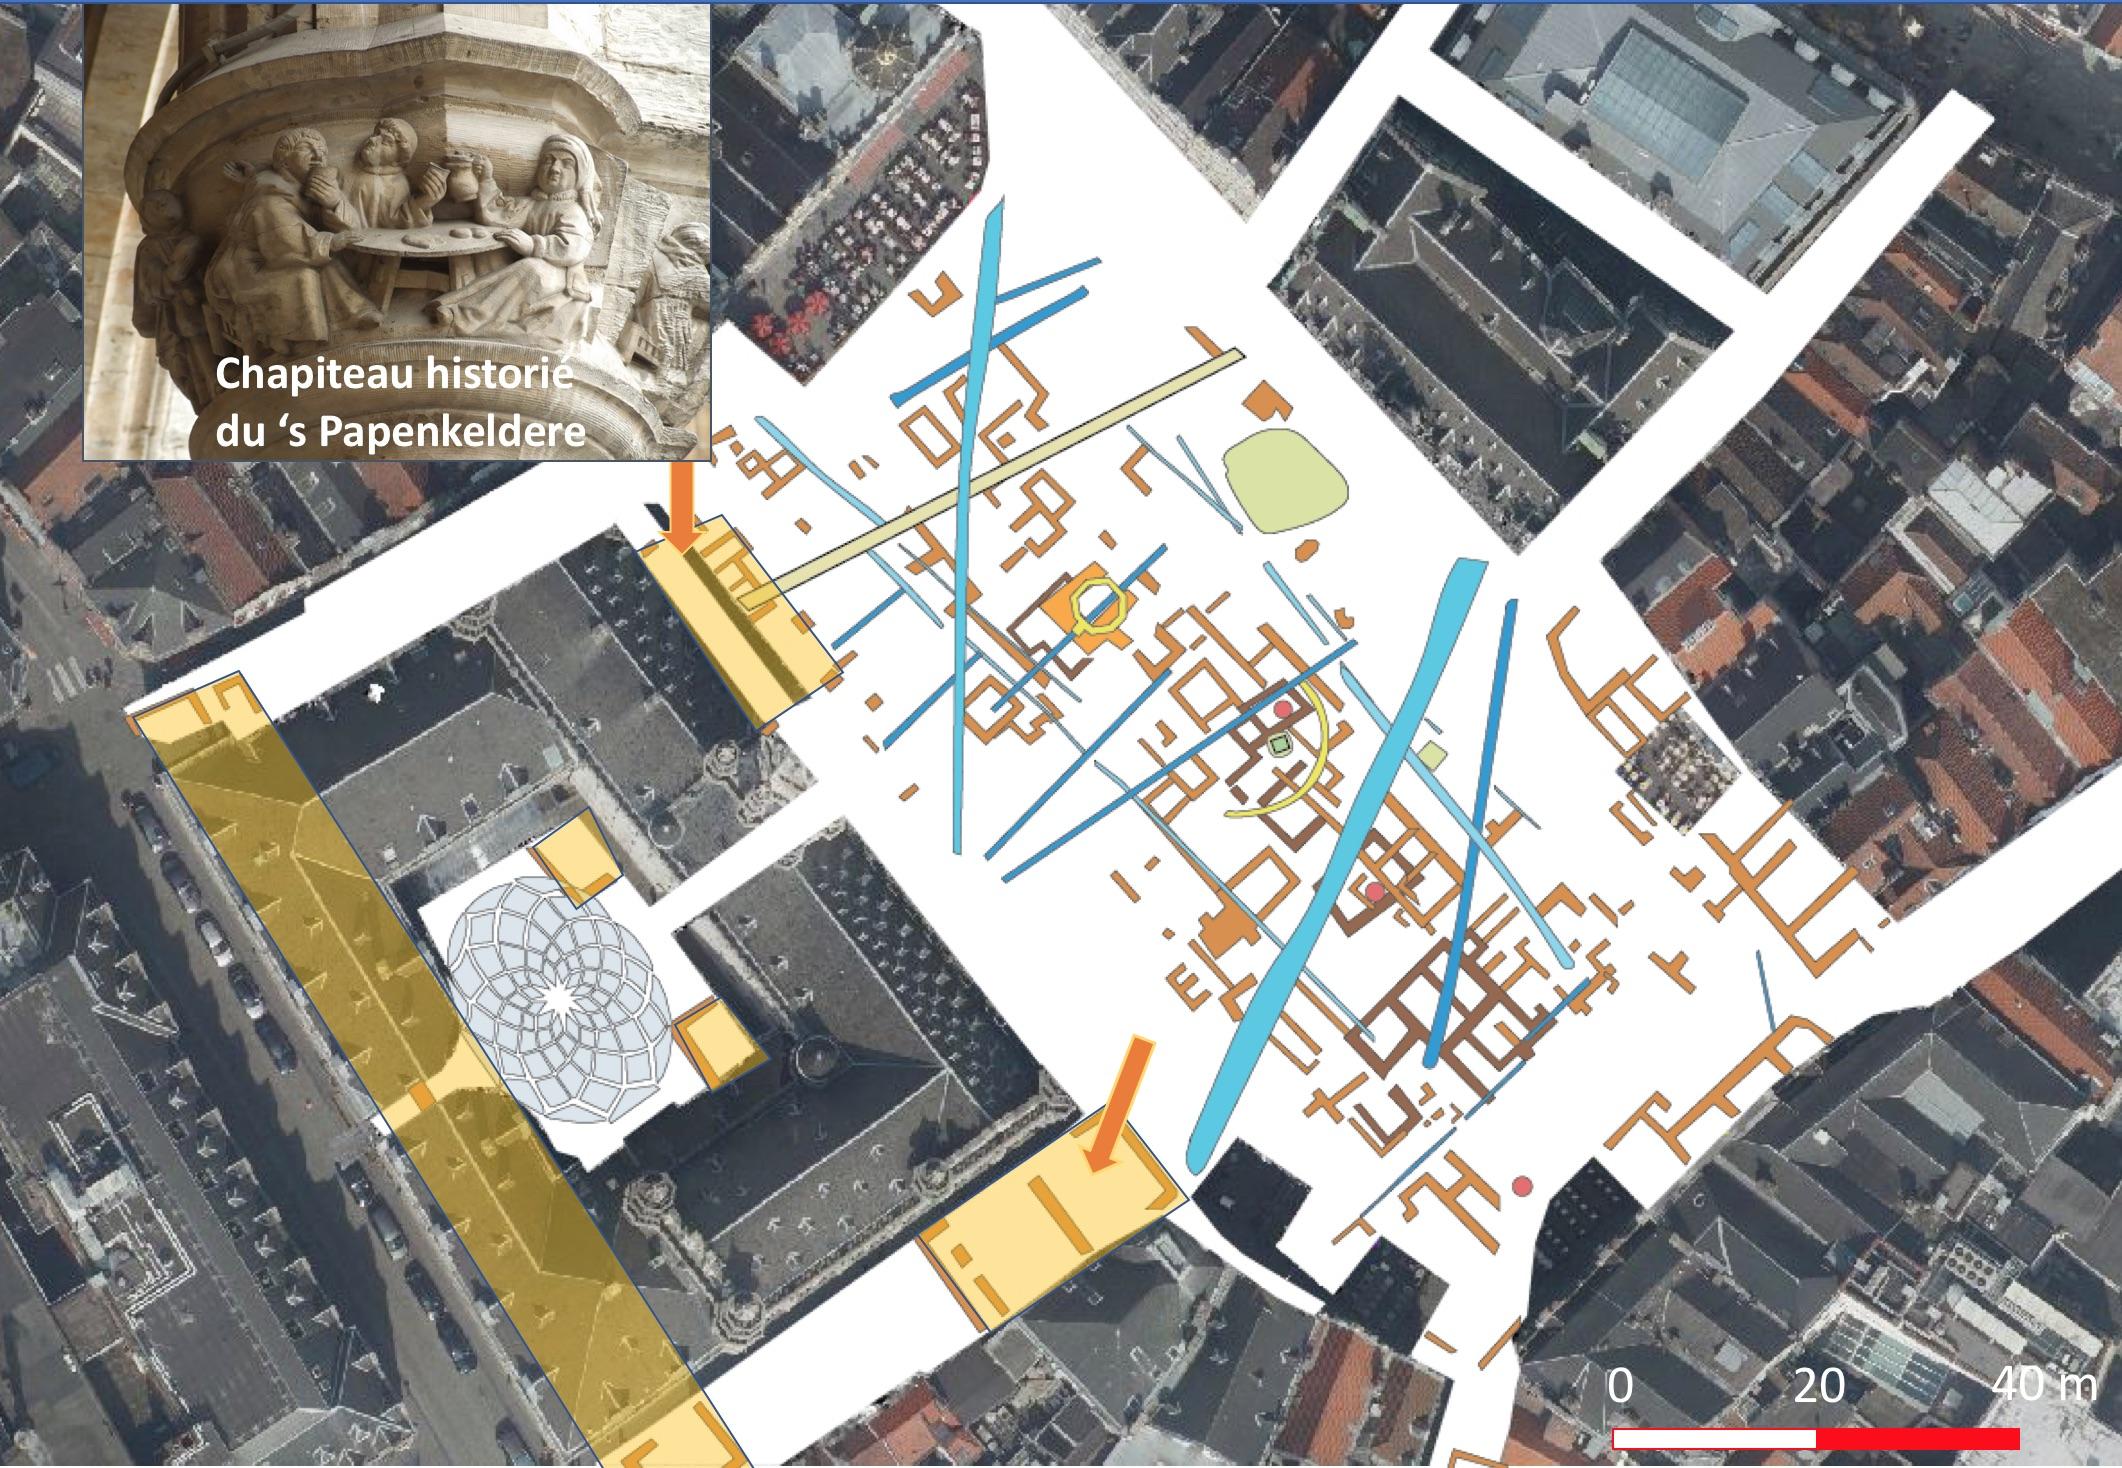 Les tracés en couleur orange trahissent l'existence de soubassements de constructions datant d'avant 1695. Dont une taverne, située devant l'aile droite de l'Hôtel de Ville ou encore une série de bâtiments au centre de la place actuelle. © François Blary